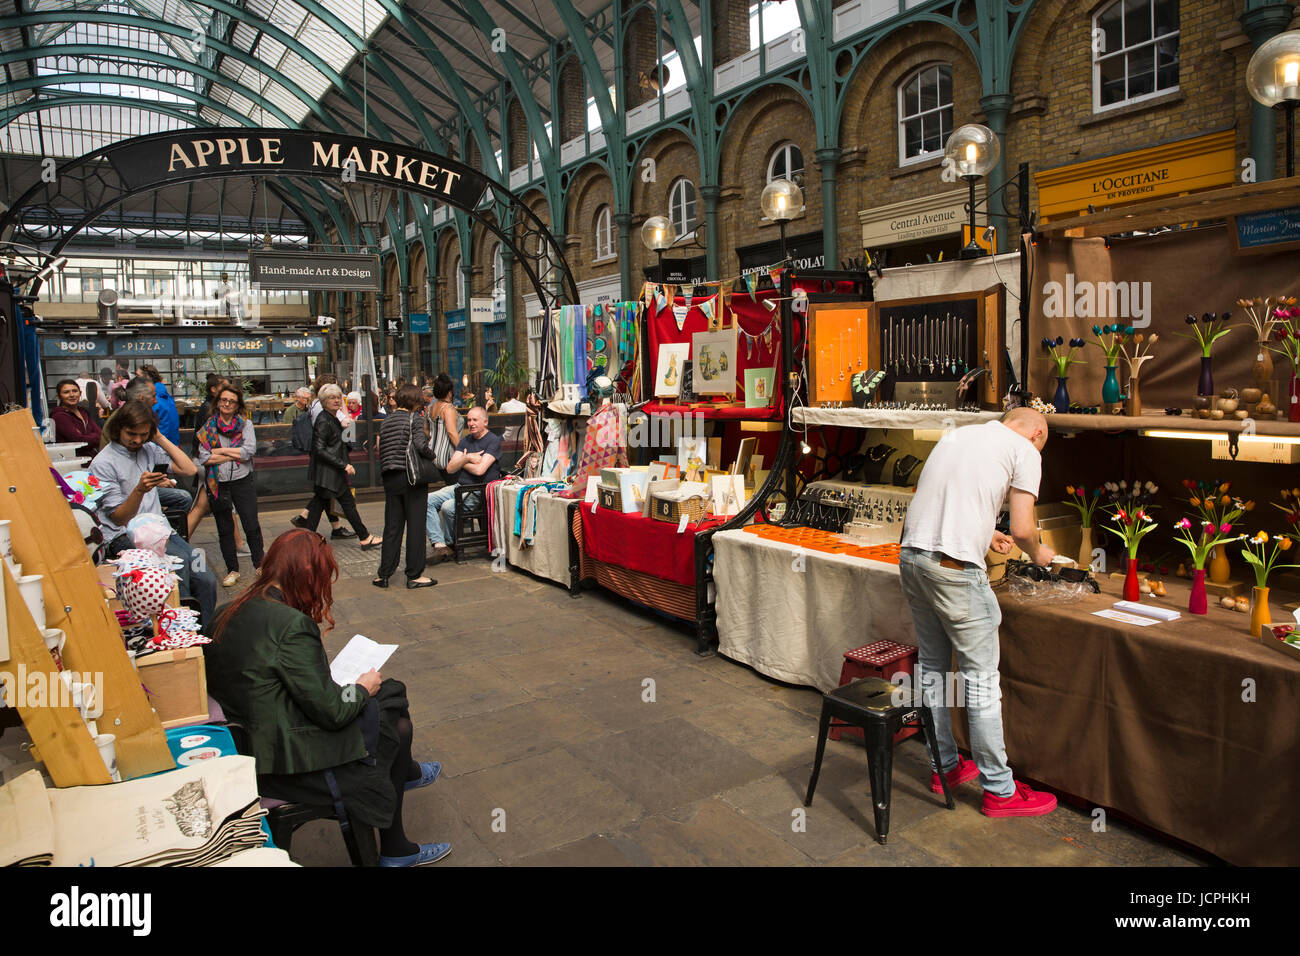 UK, Londres, Covent Garden, de l'intérieur, de l'artisanat marché Apple Photo Stock